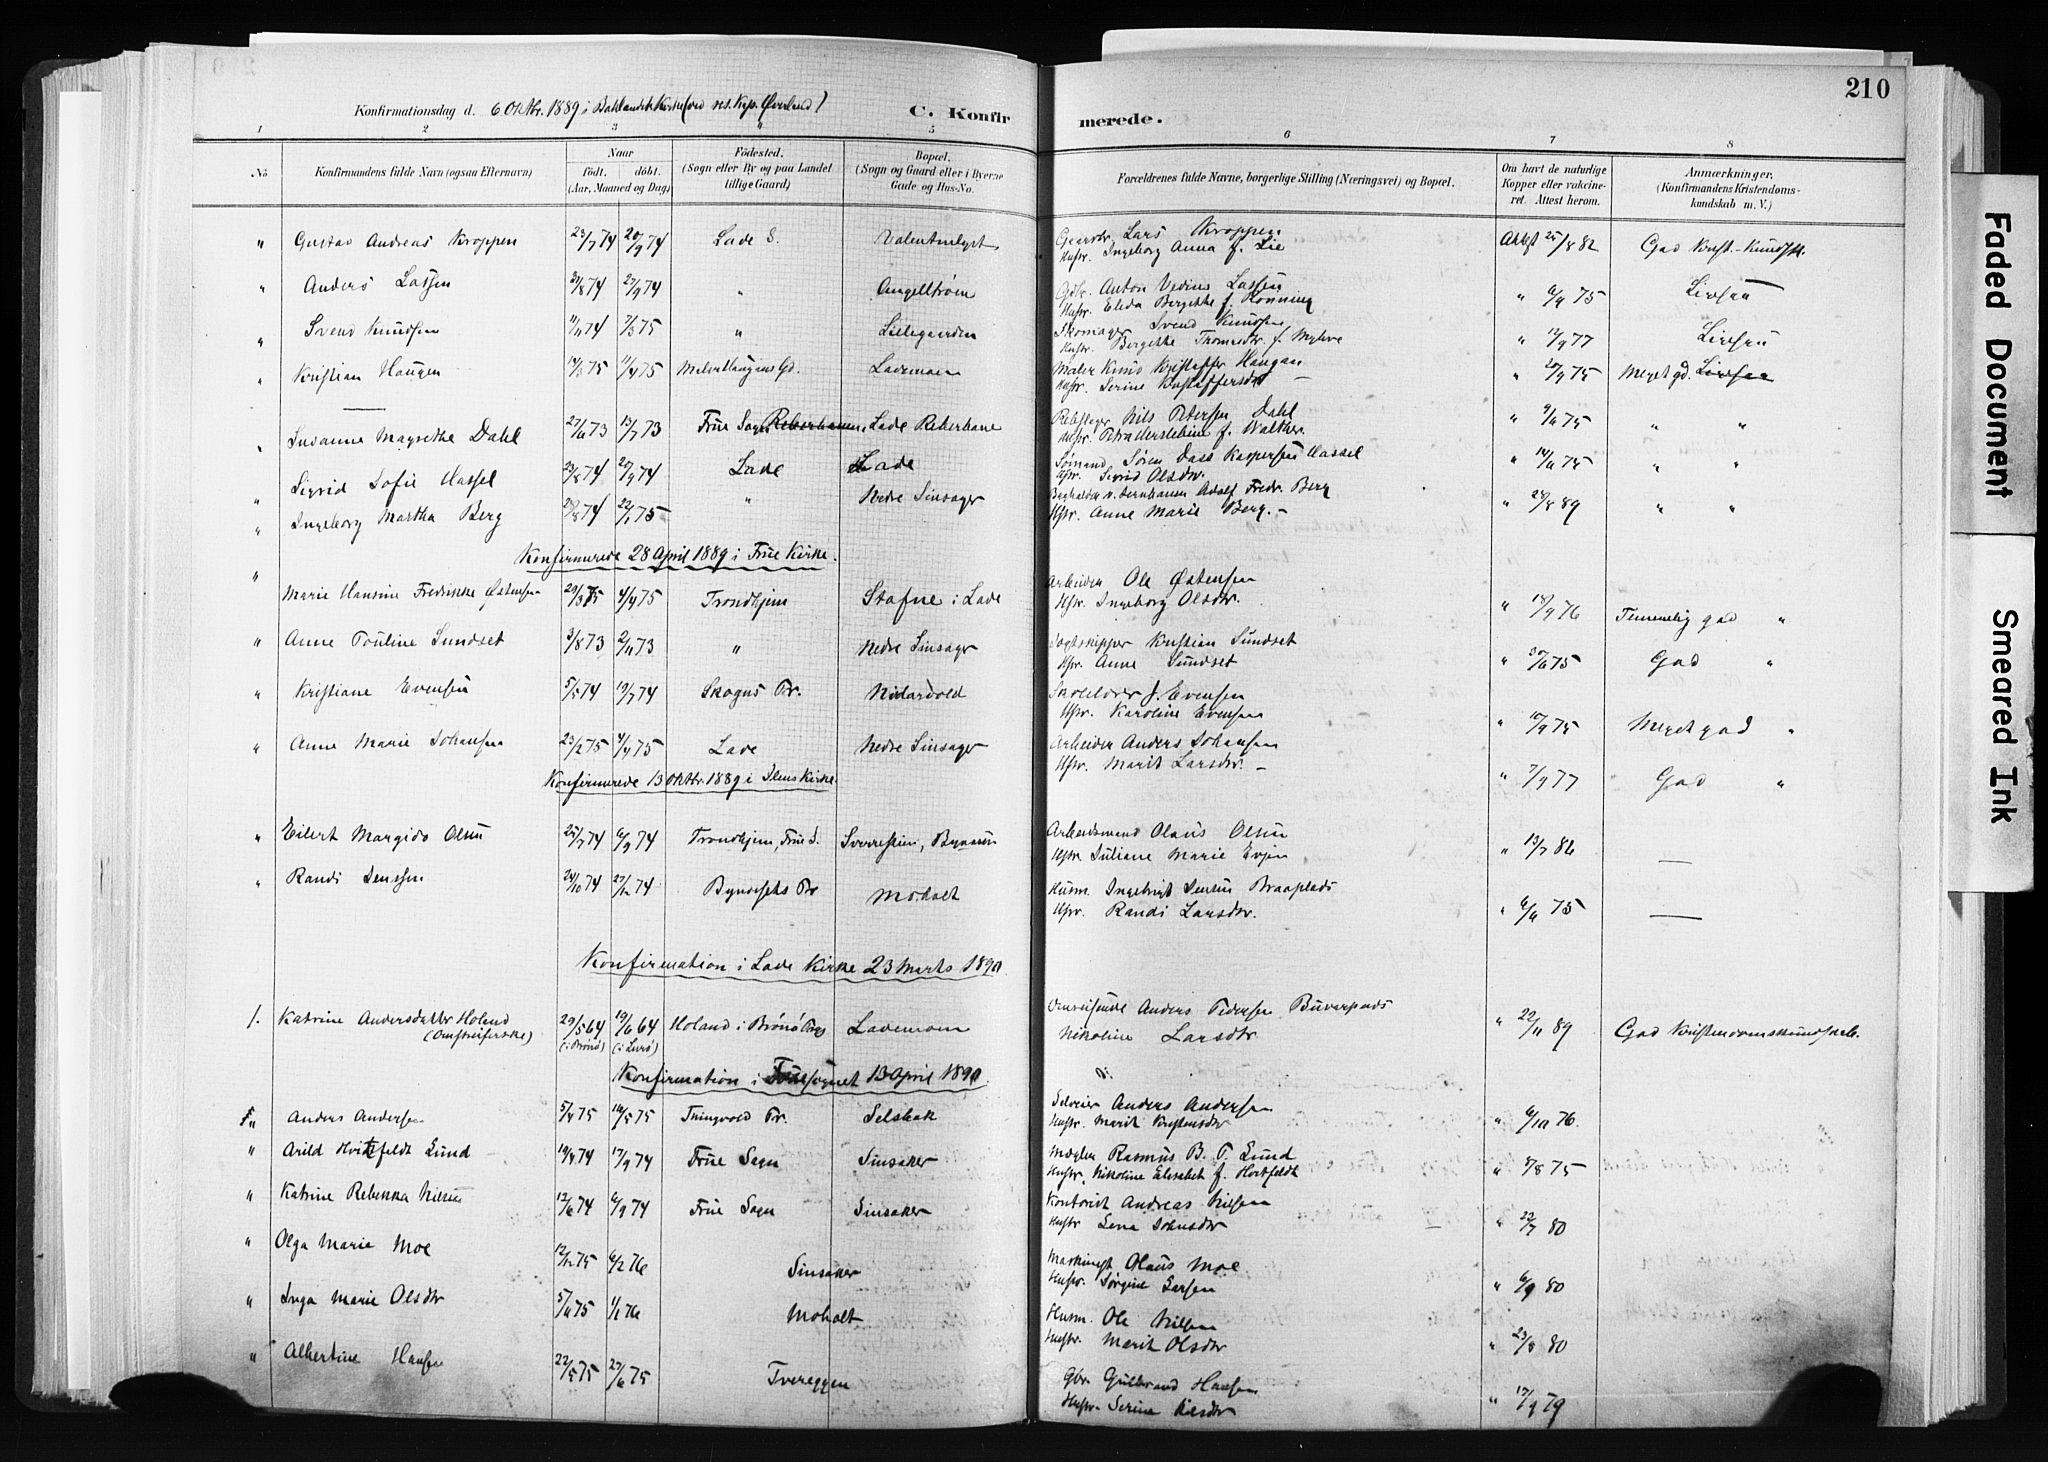 SAT, Ministerialprotokoller, klokkerbøker og fødselsregistre - Sør-Trøndelag, 606/L0300: Ministerialbok nr. 606A15, 1886-1893, s. 210